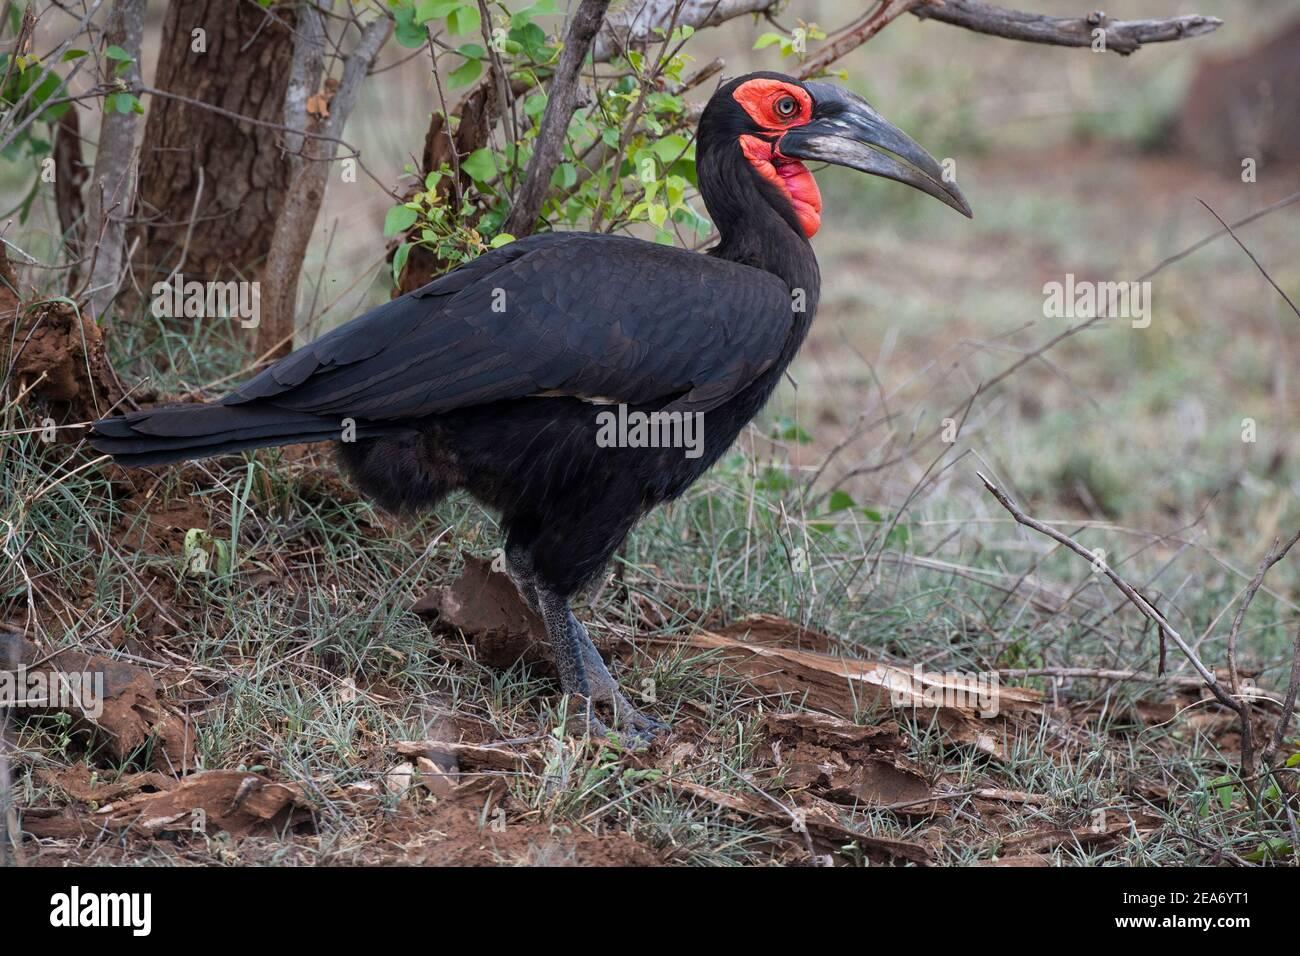 Tierra del Sur, Bucero Bucorvus leadbeateri, el Parque Nacional Kruger, Sudáfrica Foto de stock